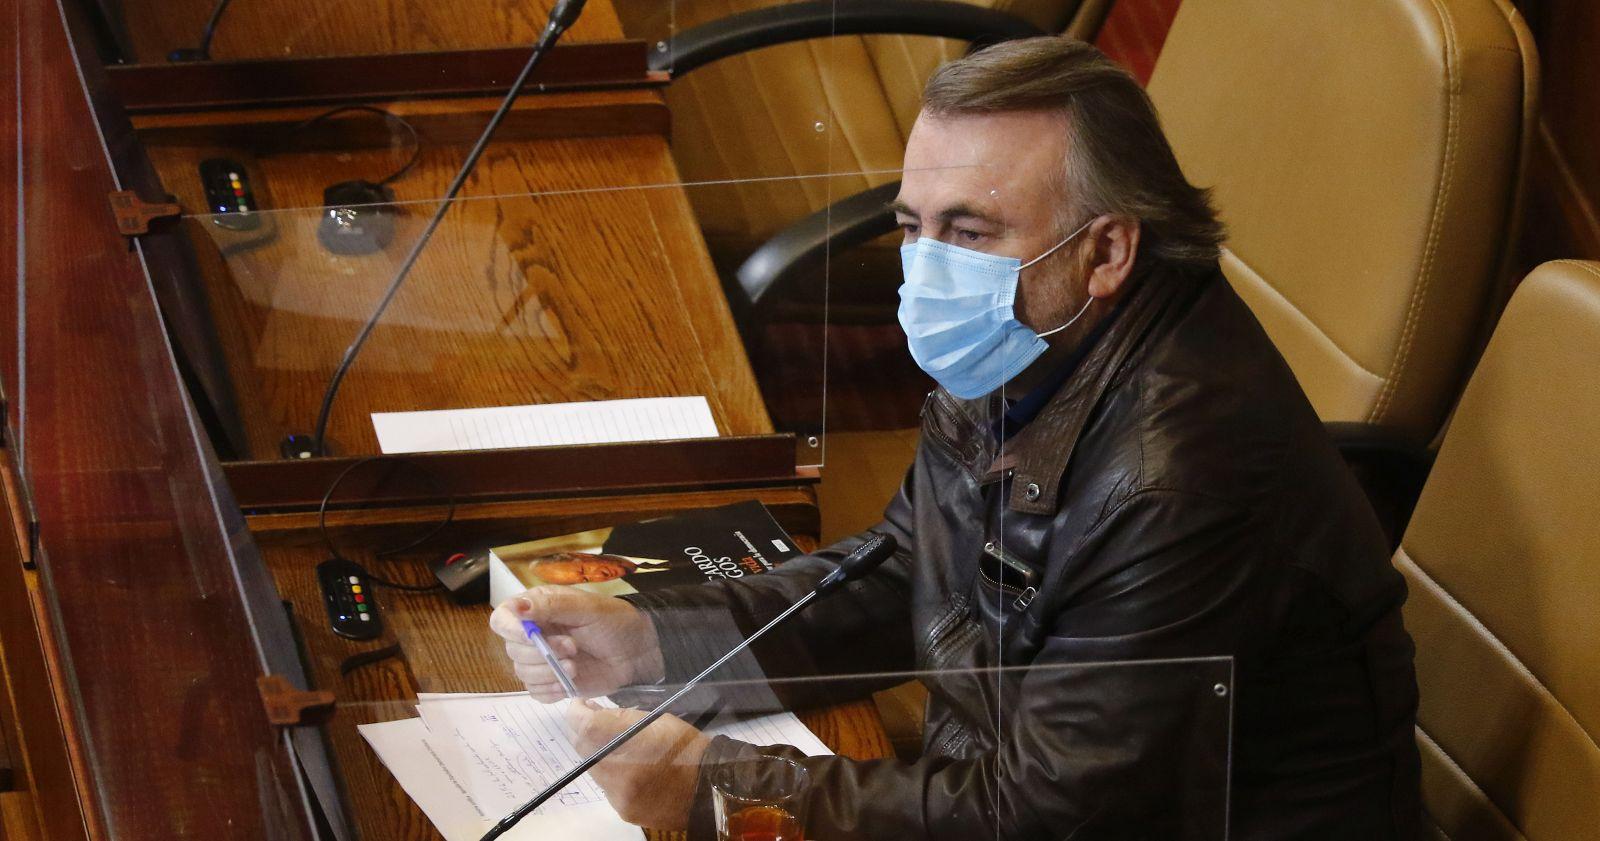 Pepe Auth explicó su confesión de ilegalidad tras molestia de la embajada italiana